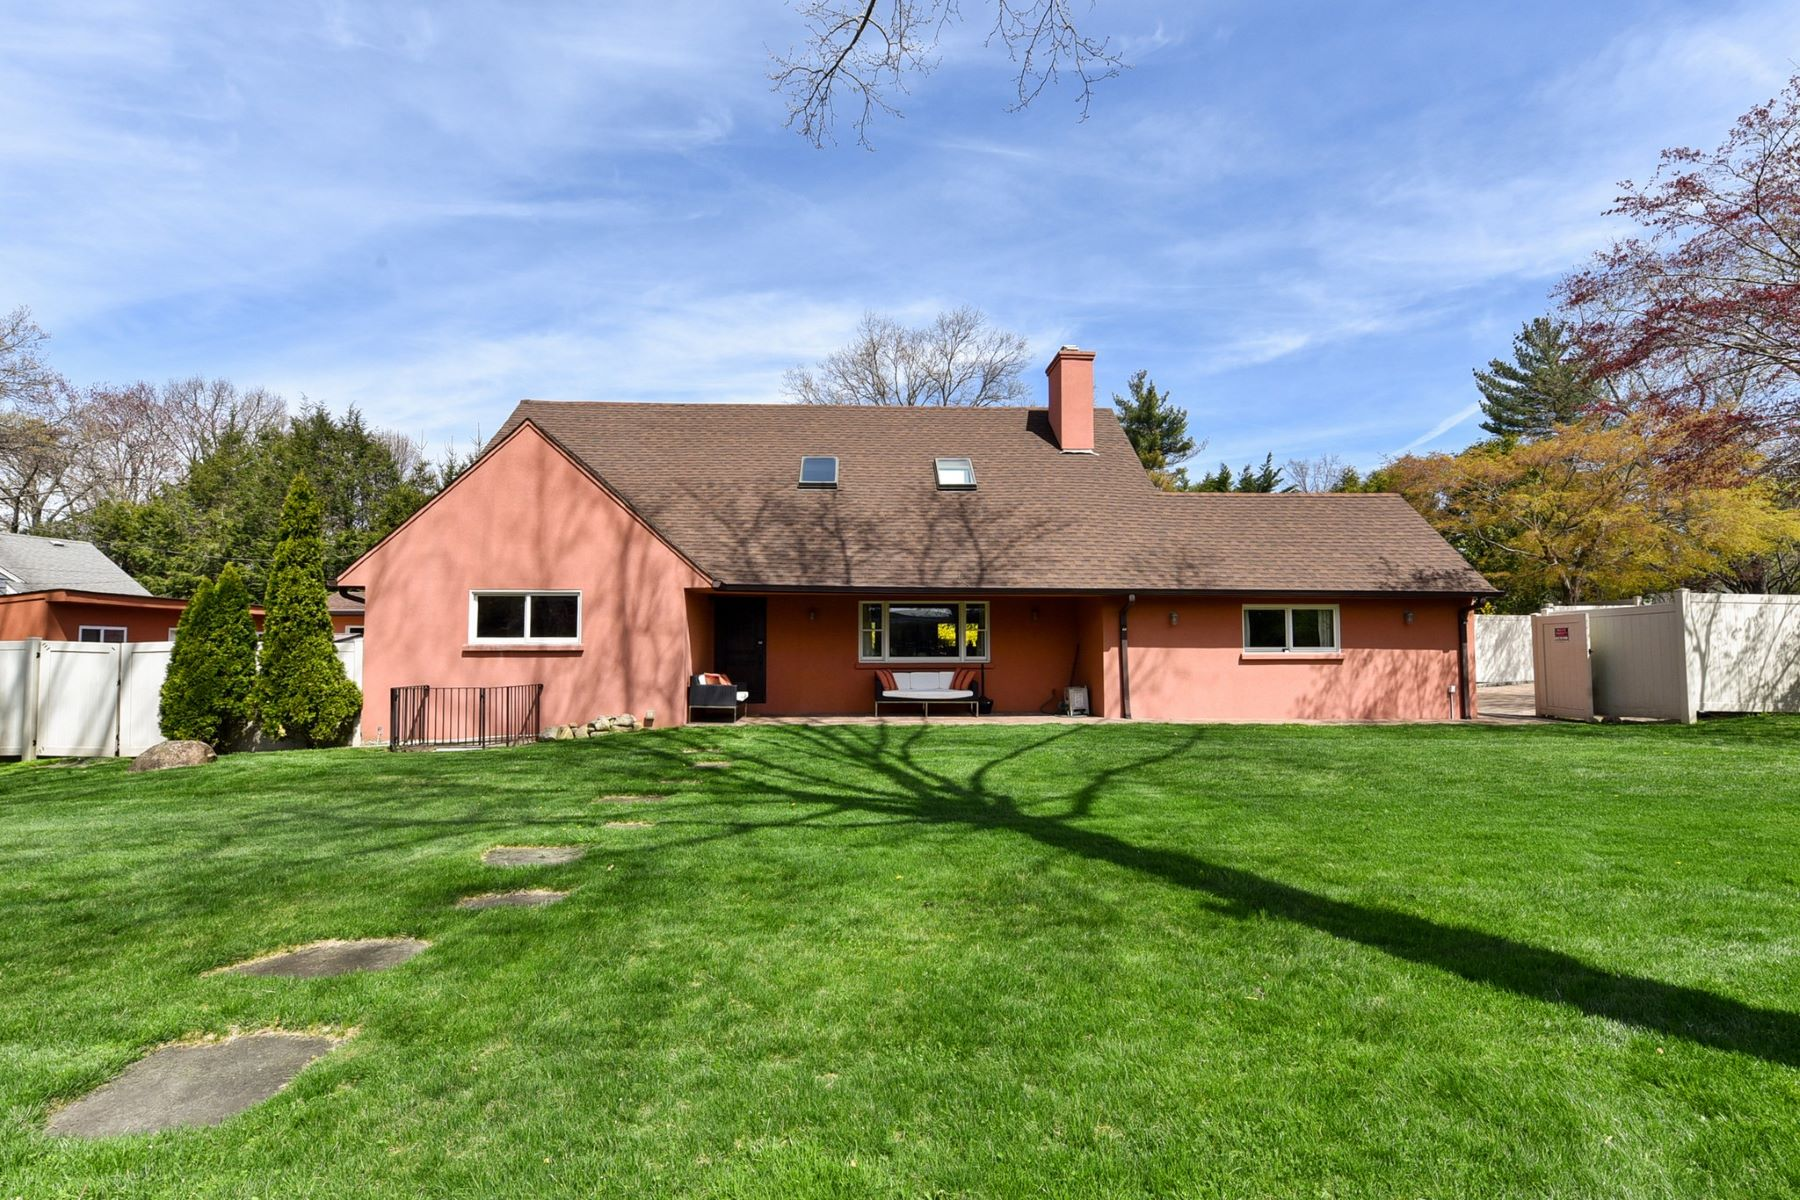 Single Family Homes för Försäljning vid Glen Cove 35 Highland Rd, Glen Cove, New York 11542 Förenta staterna